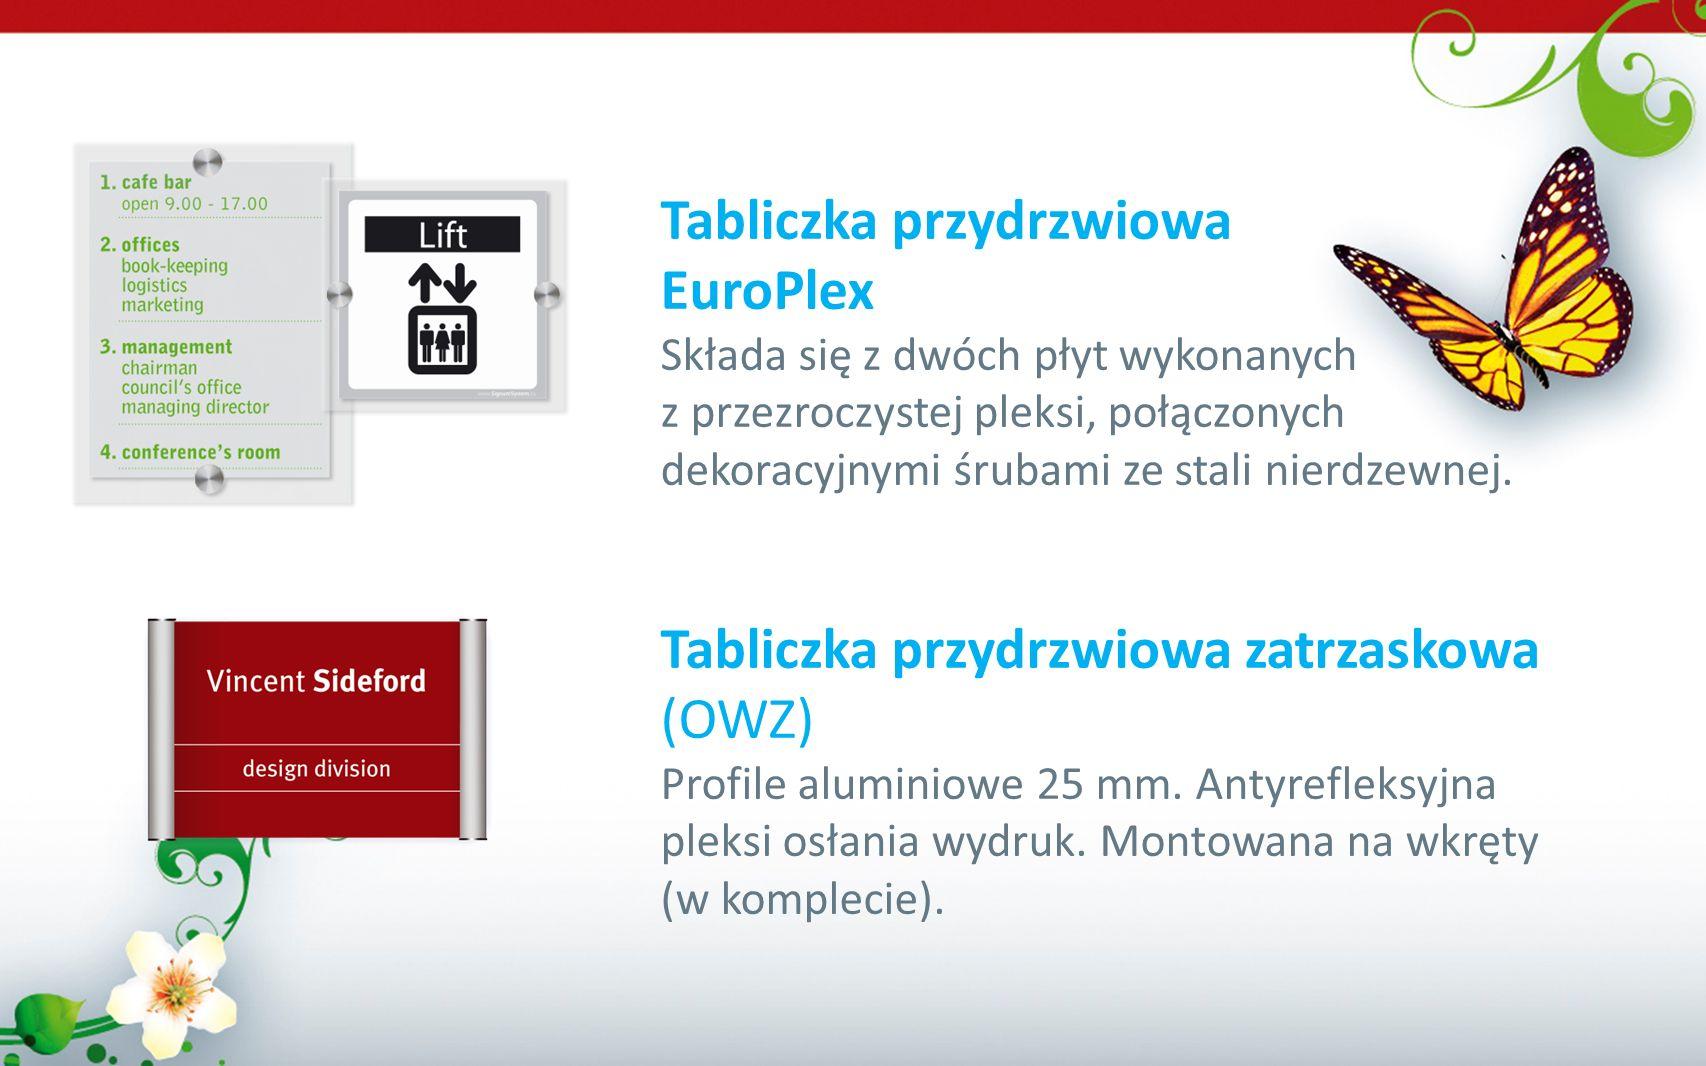 Tabliczka przydrzwiowa EuroPlex